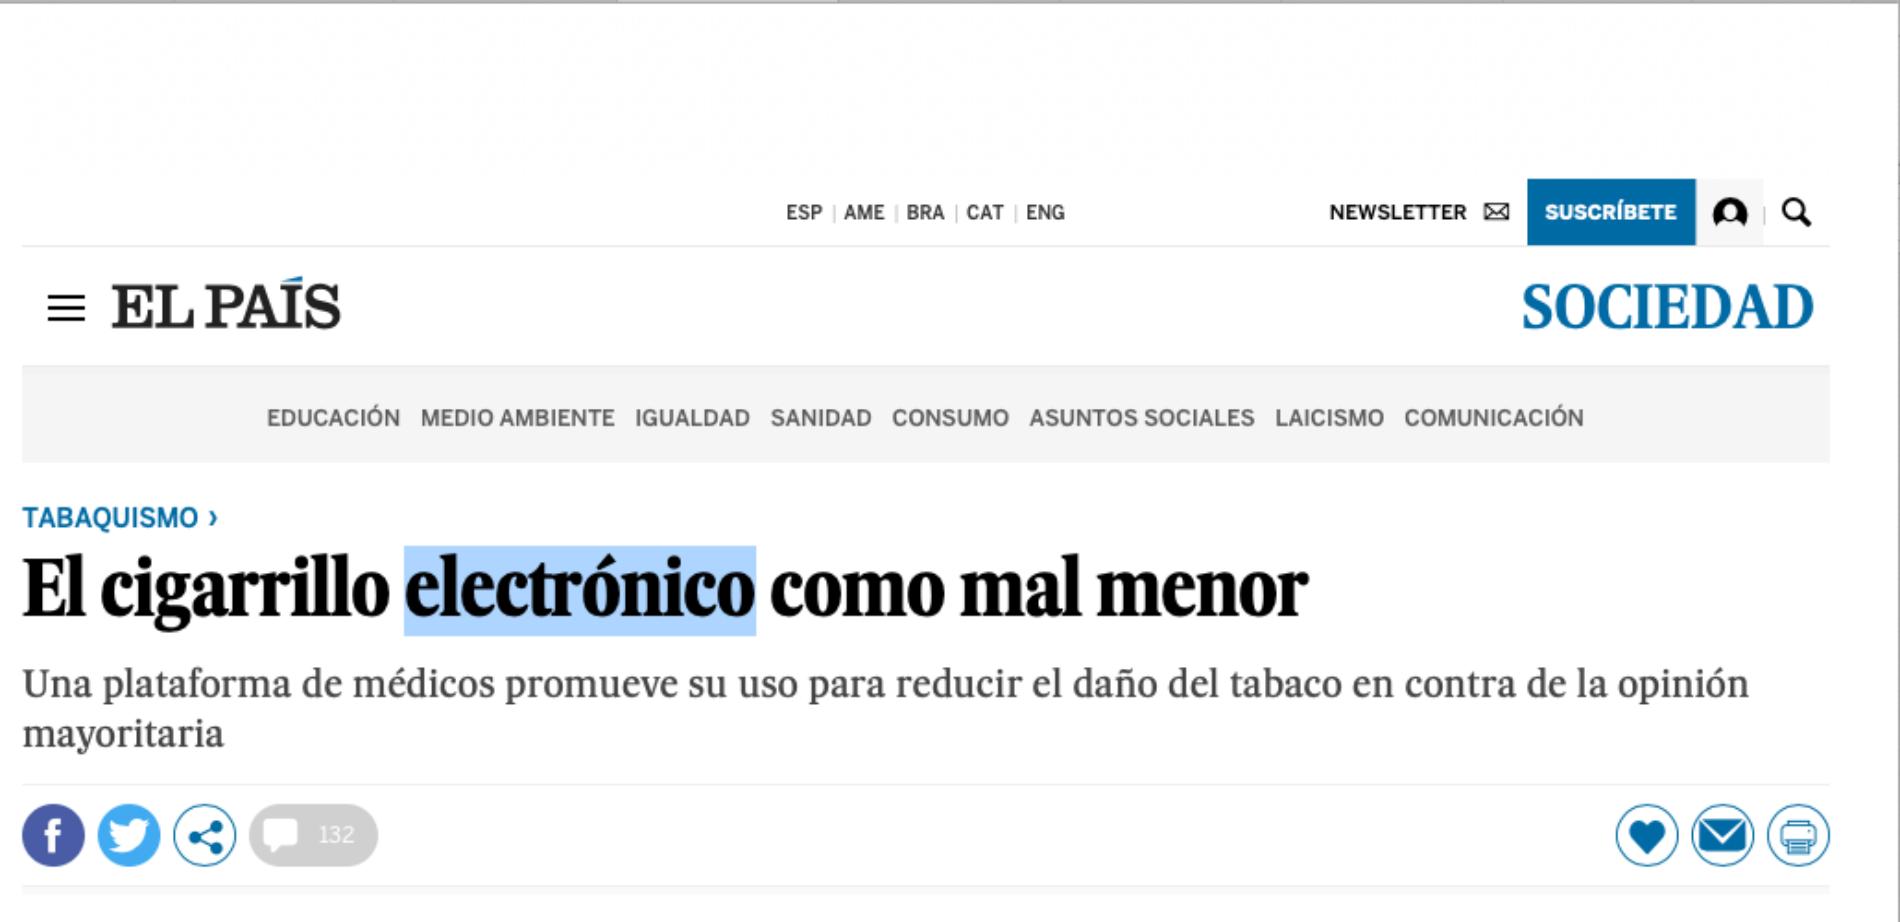 In Spagna una piattaforma con i medici per la Riduzione del danno da fumo